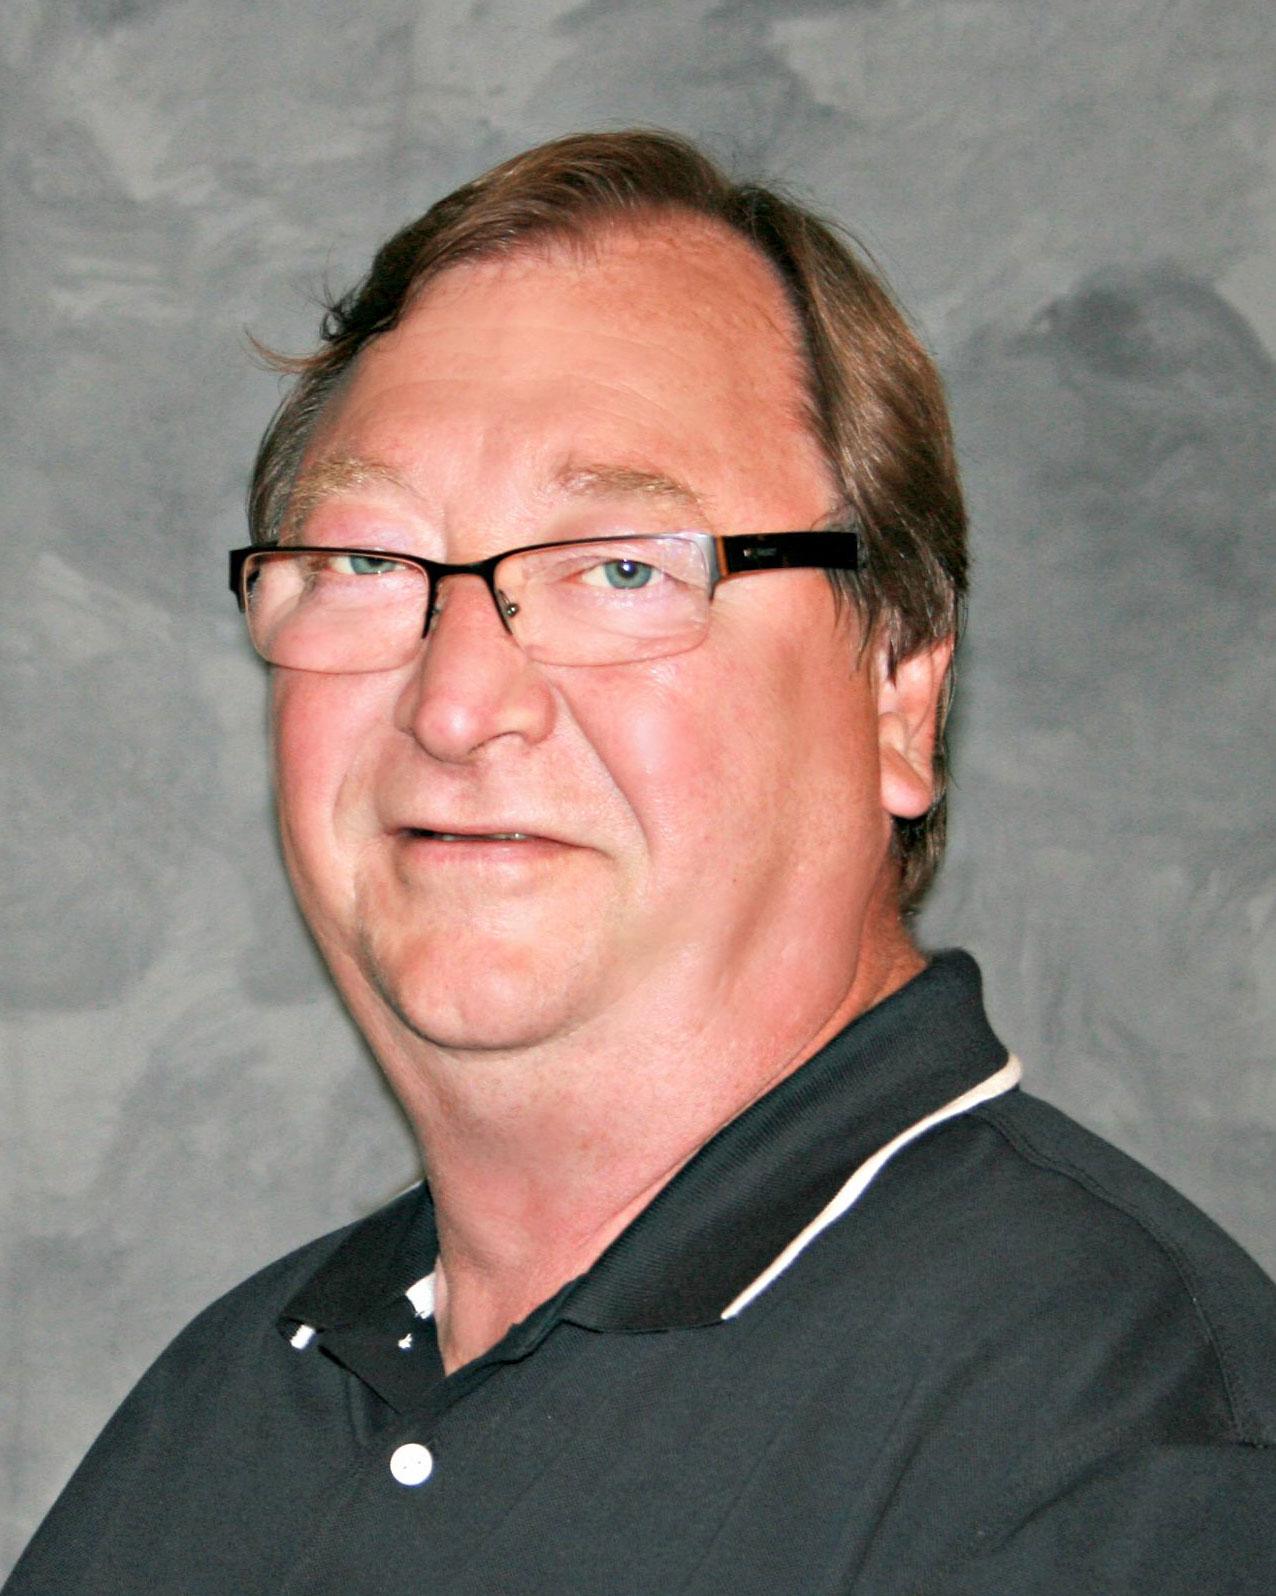 Dave Lepak